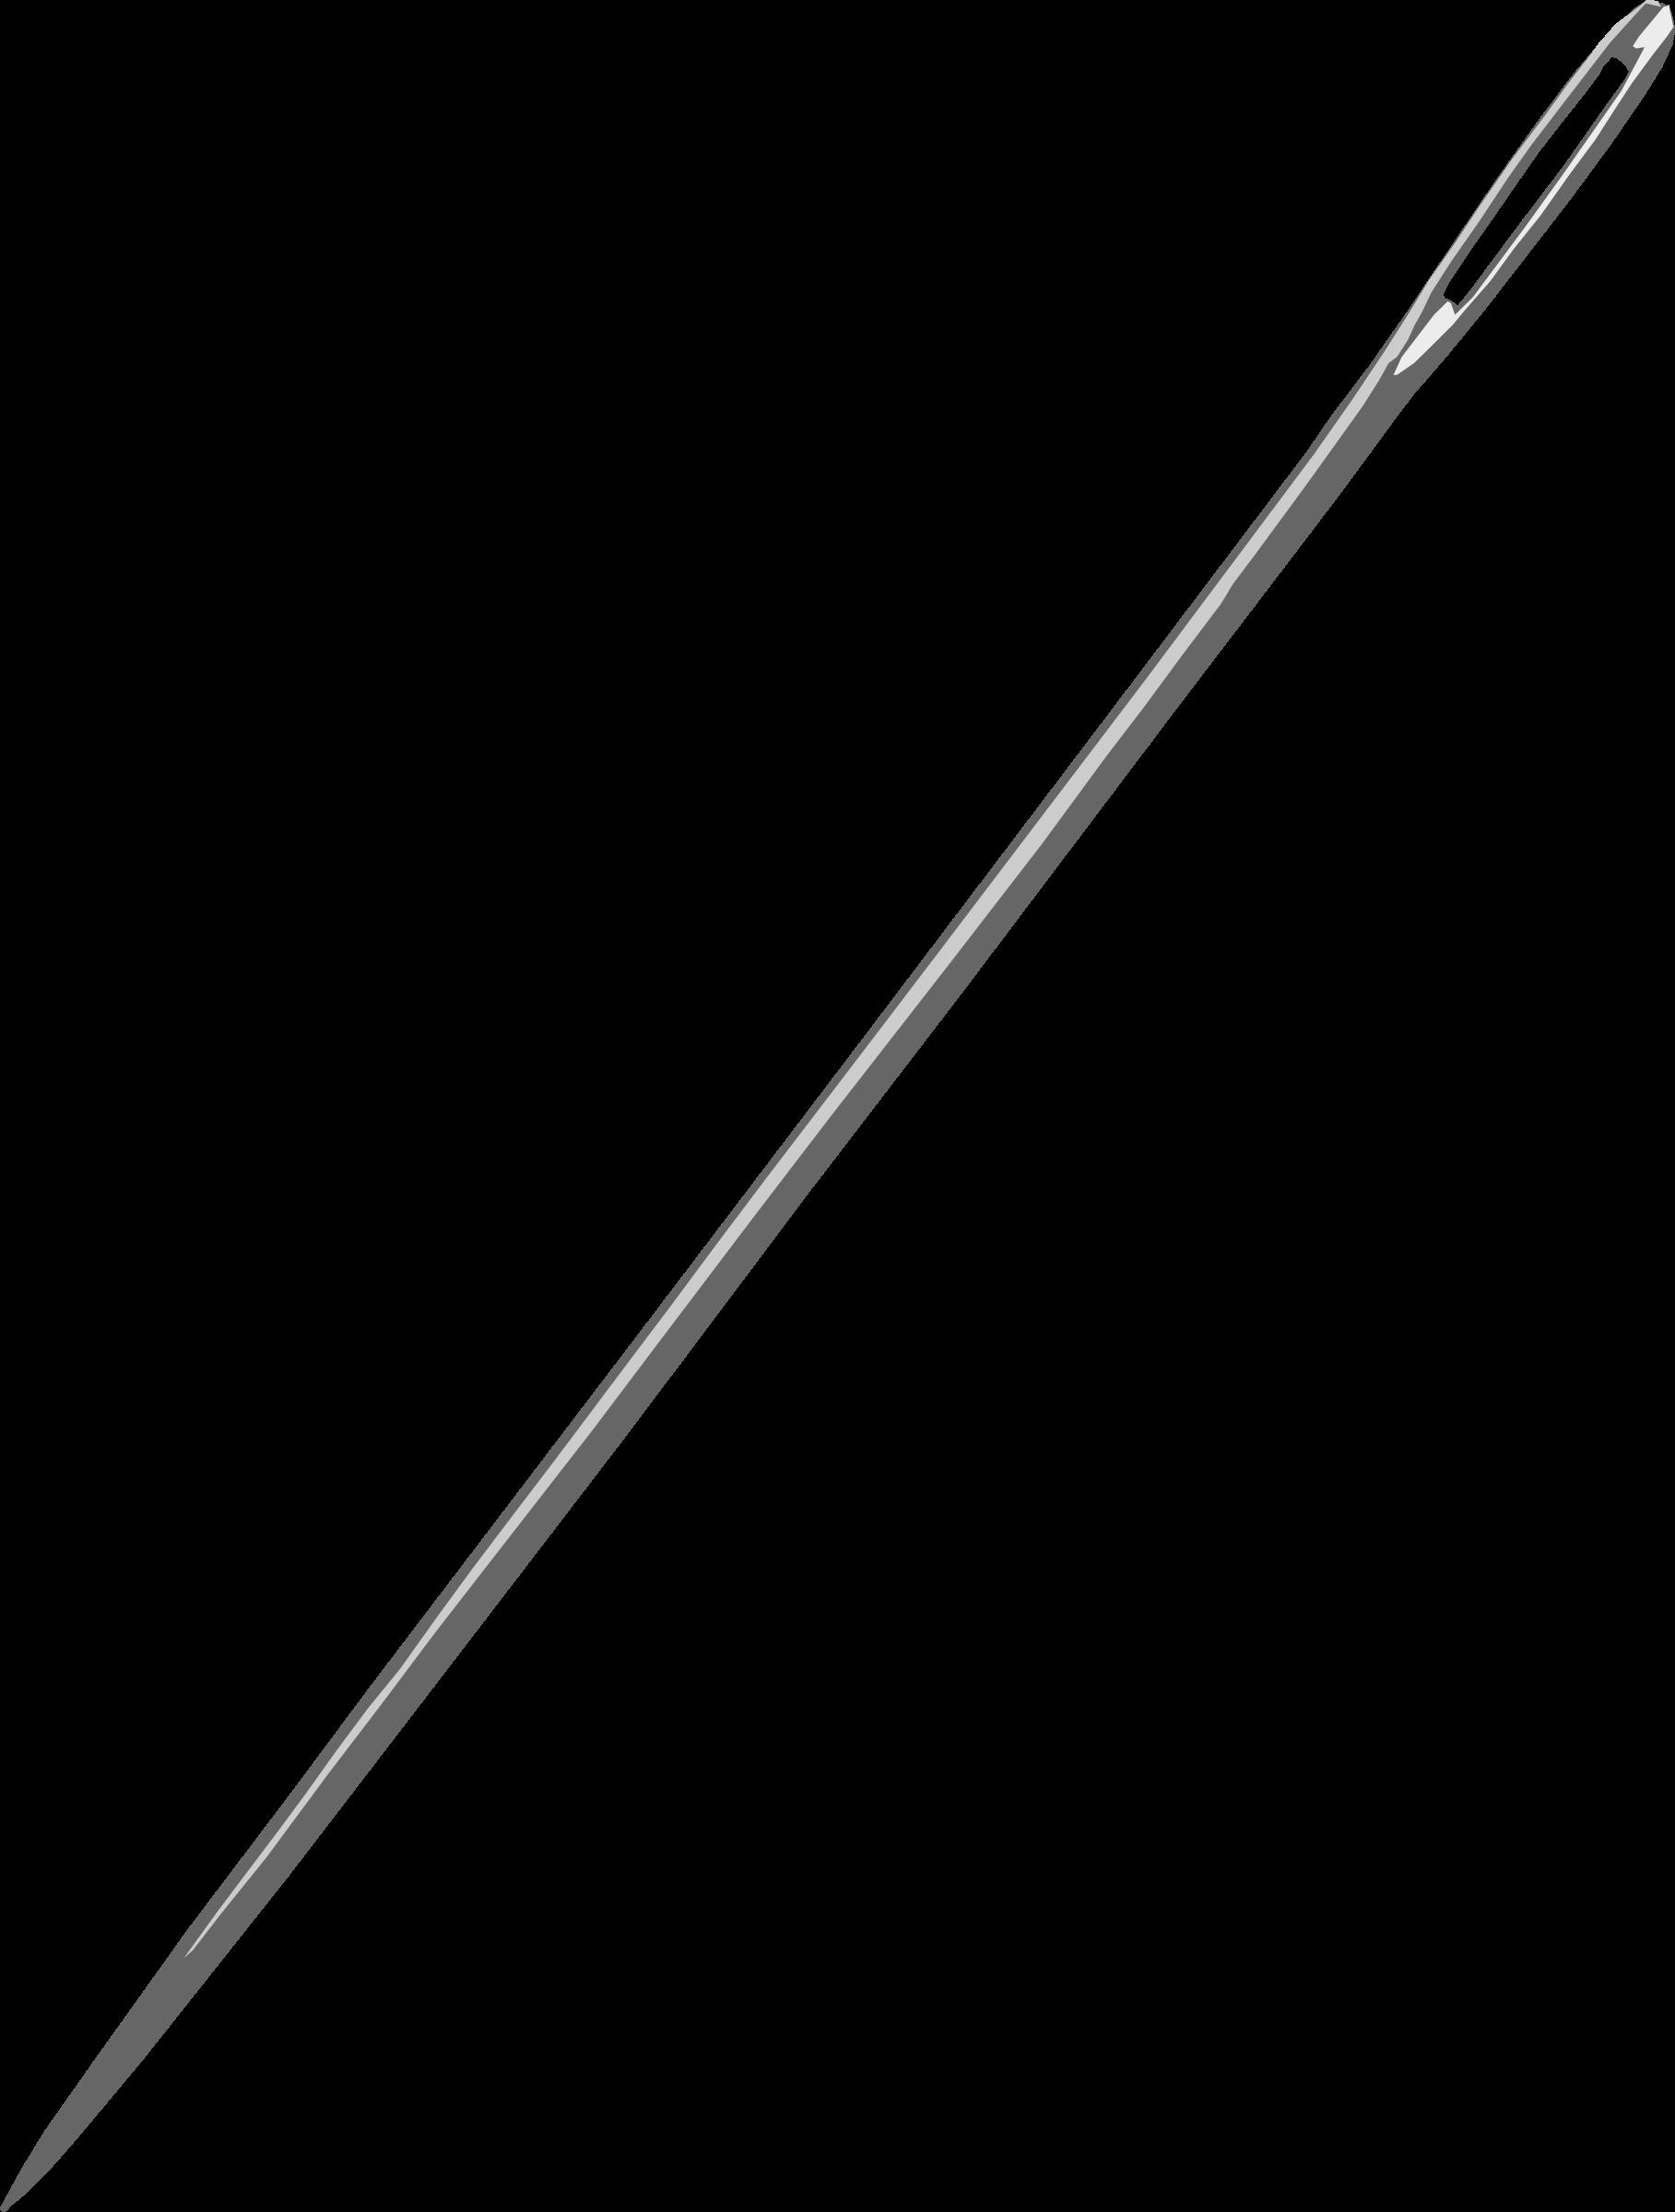 Швейная иголка PNG